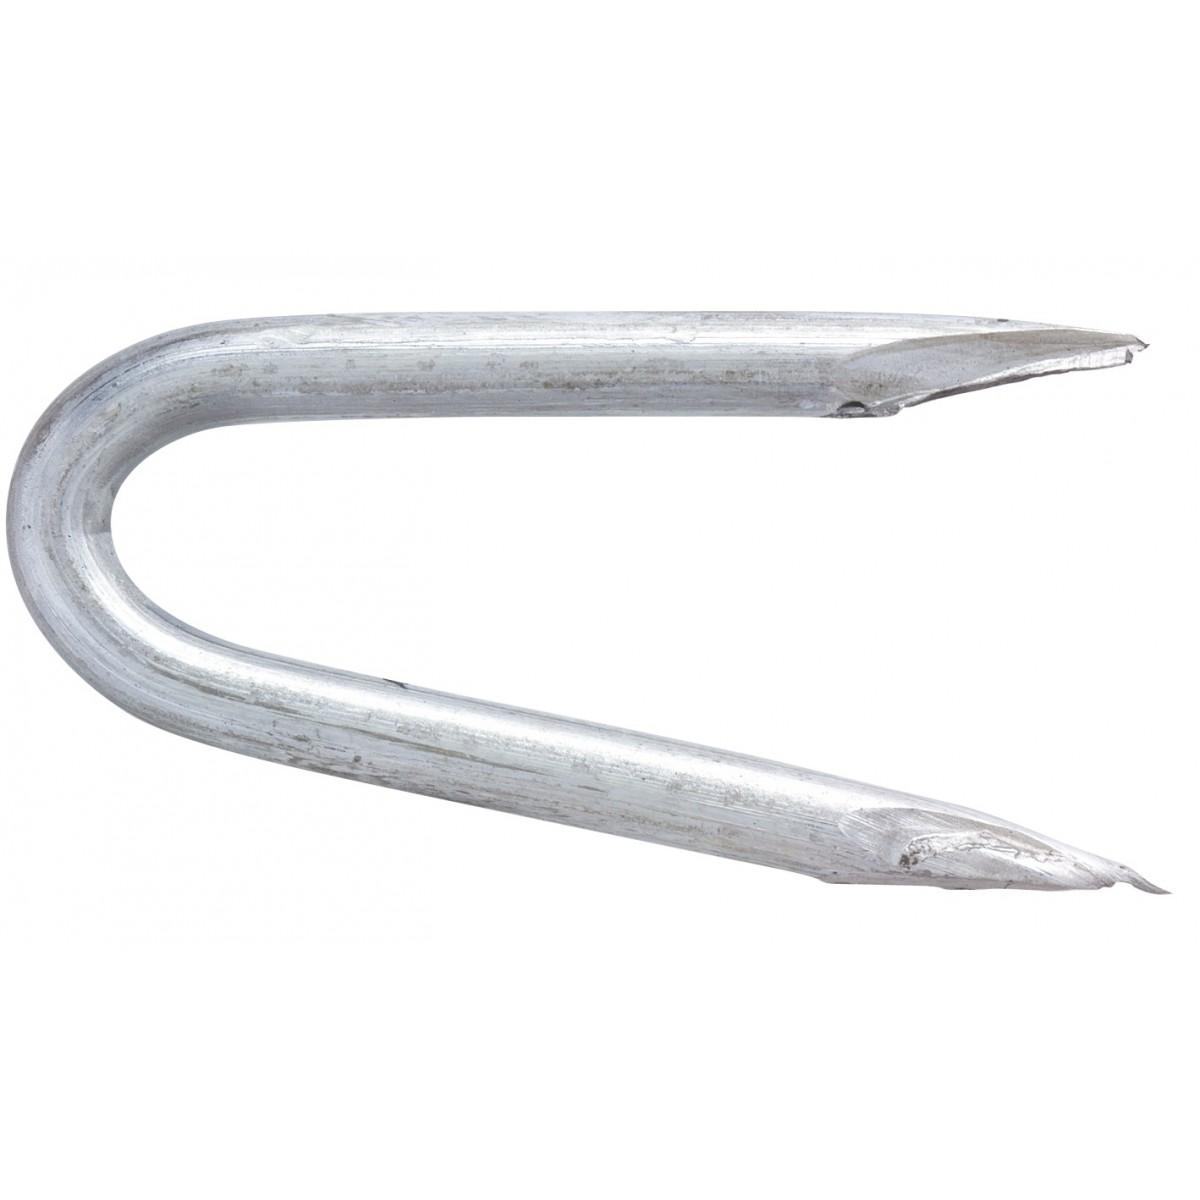 Crampillon acier galvanisé TE. Pointes - Longueur 35 mm - Diamètre 3,5 mm - 5 kg